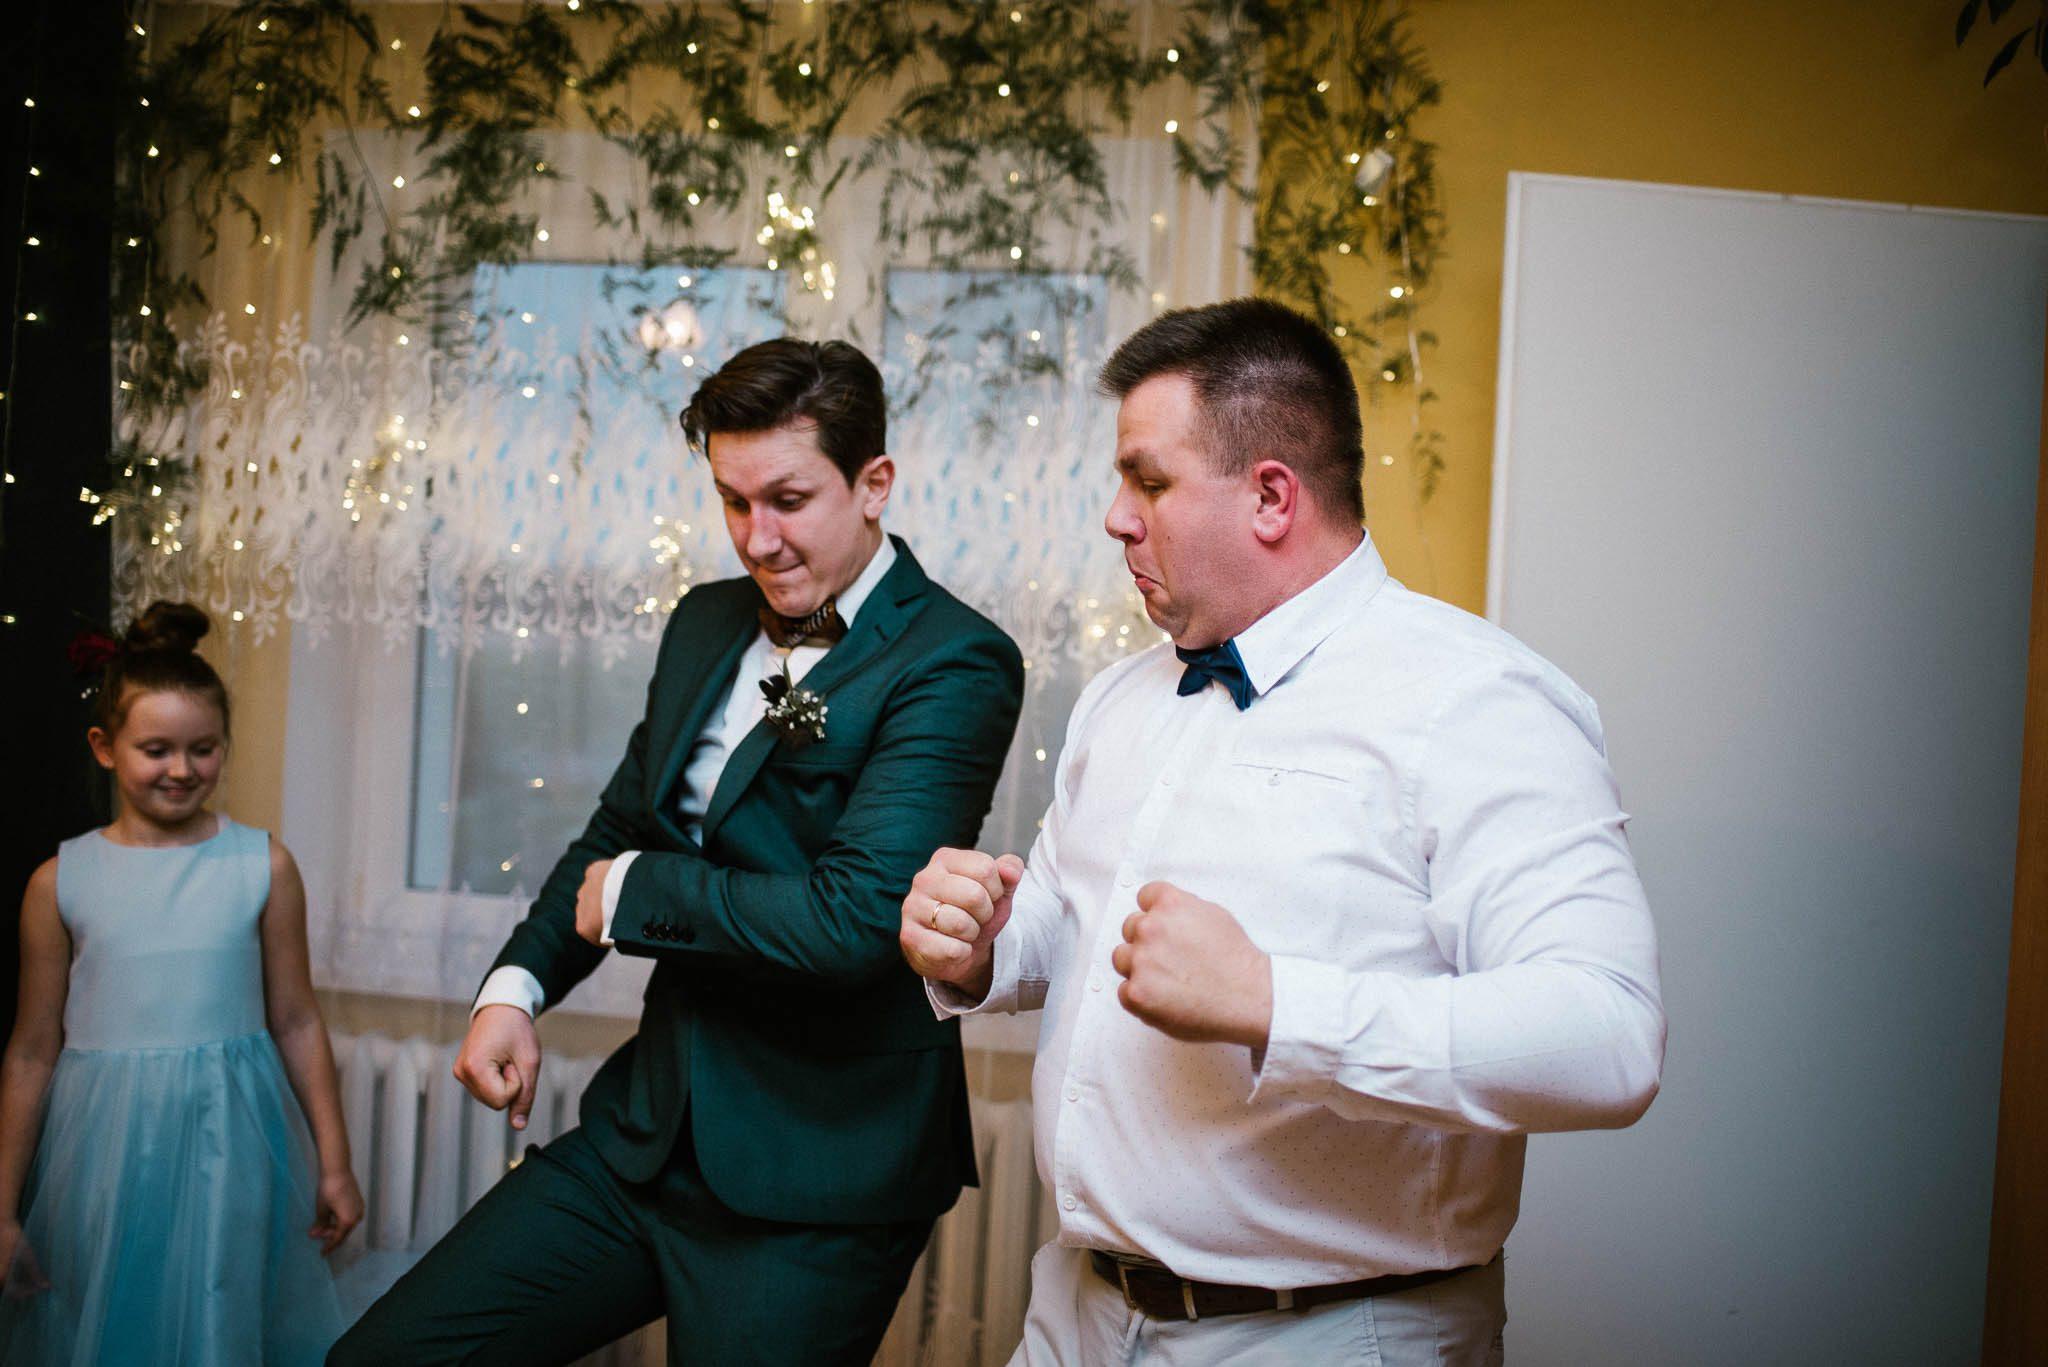 Pan młody tańczy z przyjacielem - sesja ślubna reportaż Żuczki Inowrocław